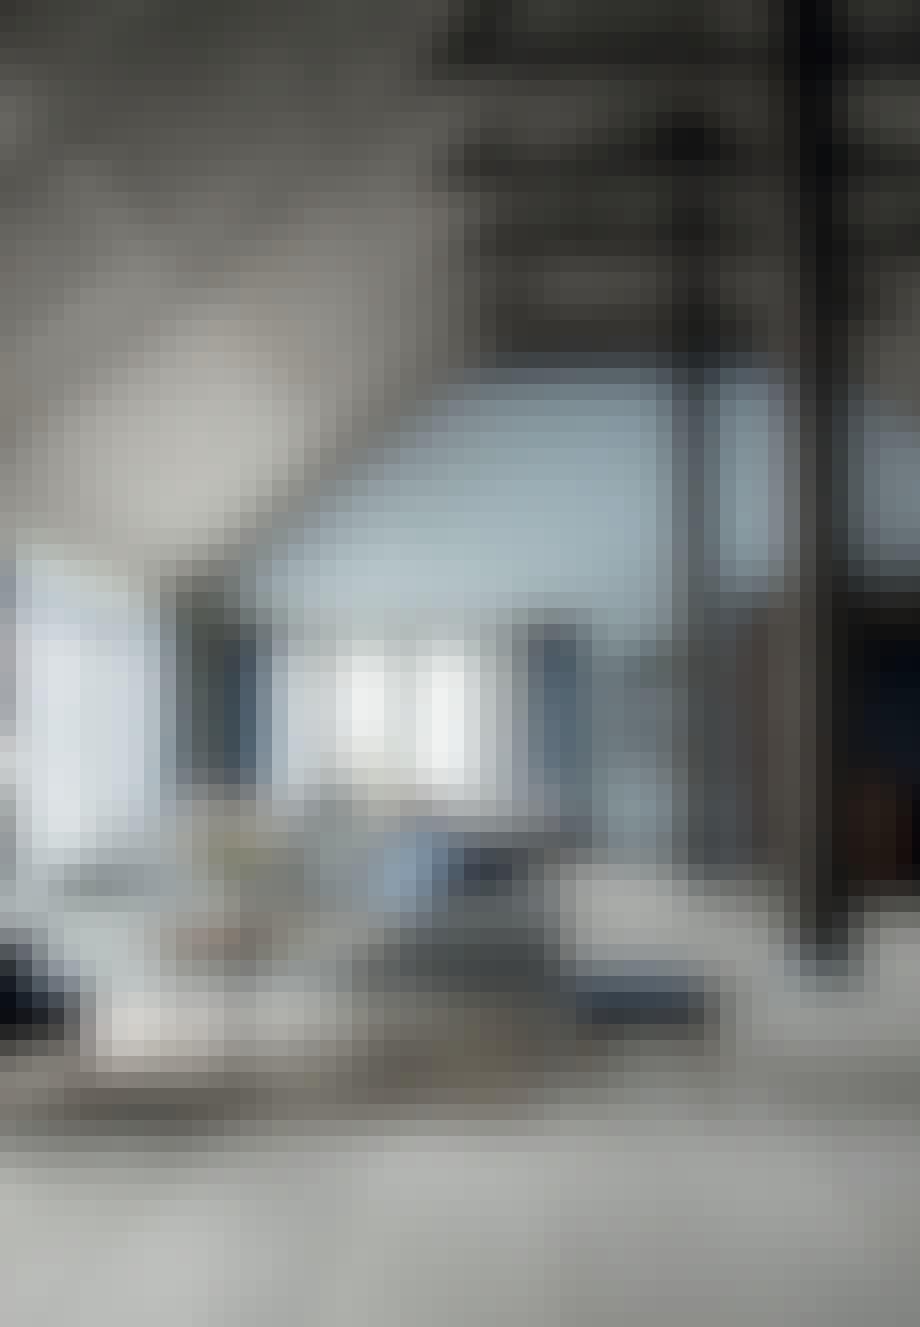 Køkken, spiseplads og dagligstue i ét rum